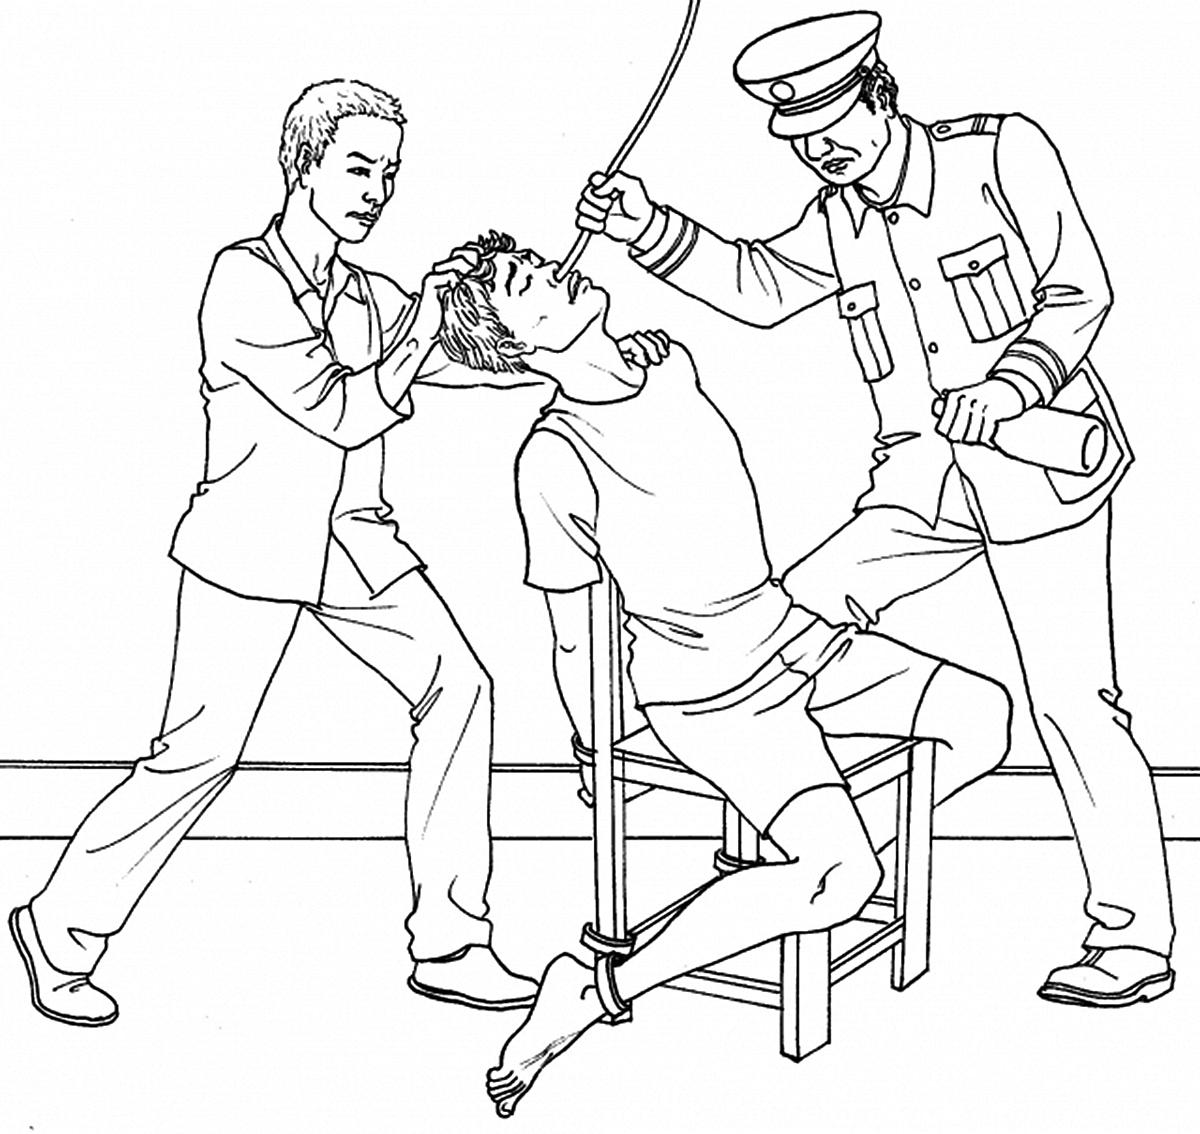 酷刑示意圖:法輪功學員被強灌精神病藥物迫害。(明慧網)